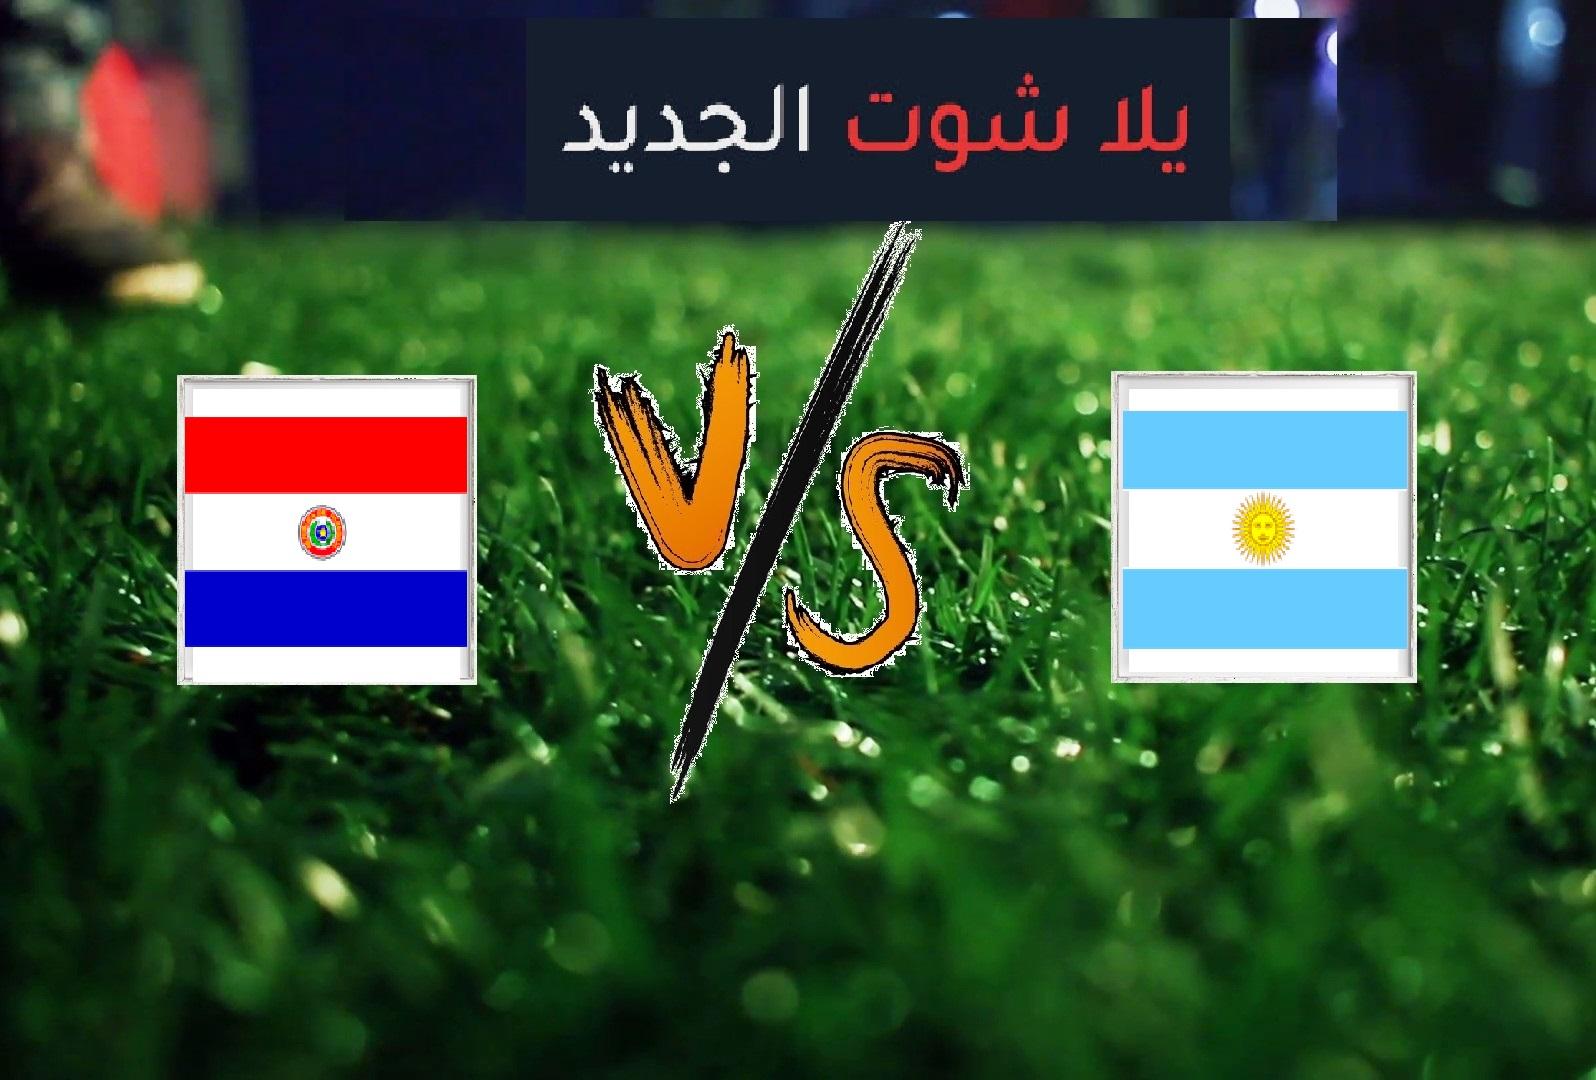 ملخص مباراة الارجنتين وباراجواي اليوم الخميس بتاريخ 20-06-2019 كوبا أمريكا 2019